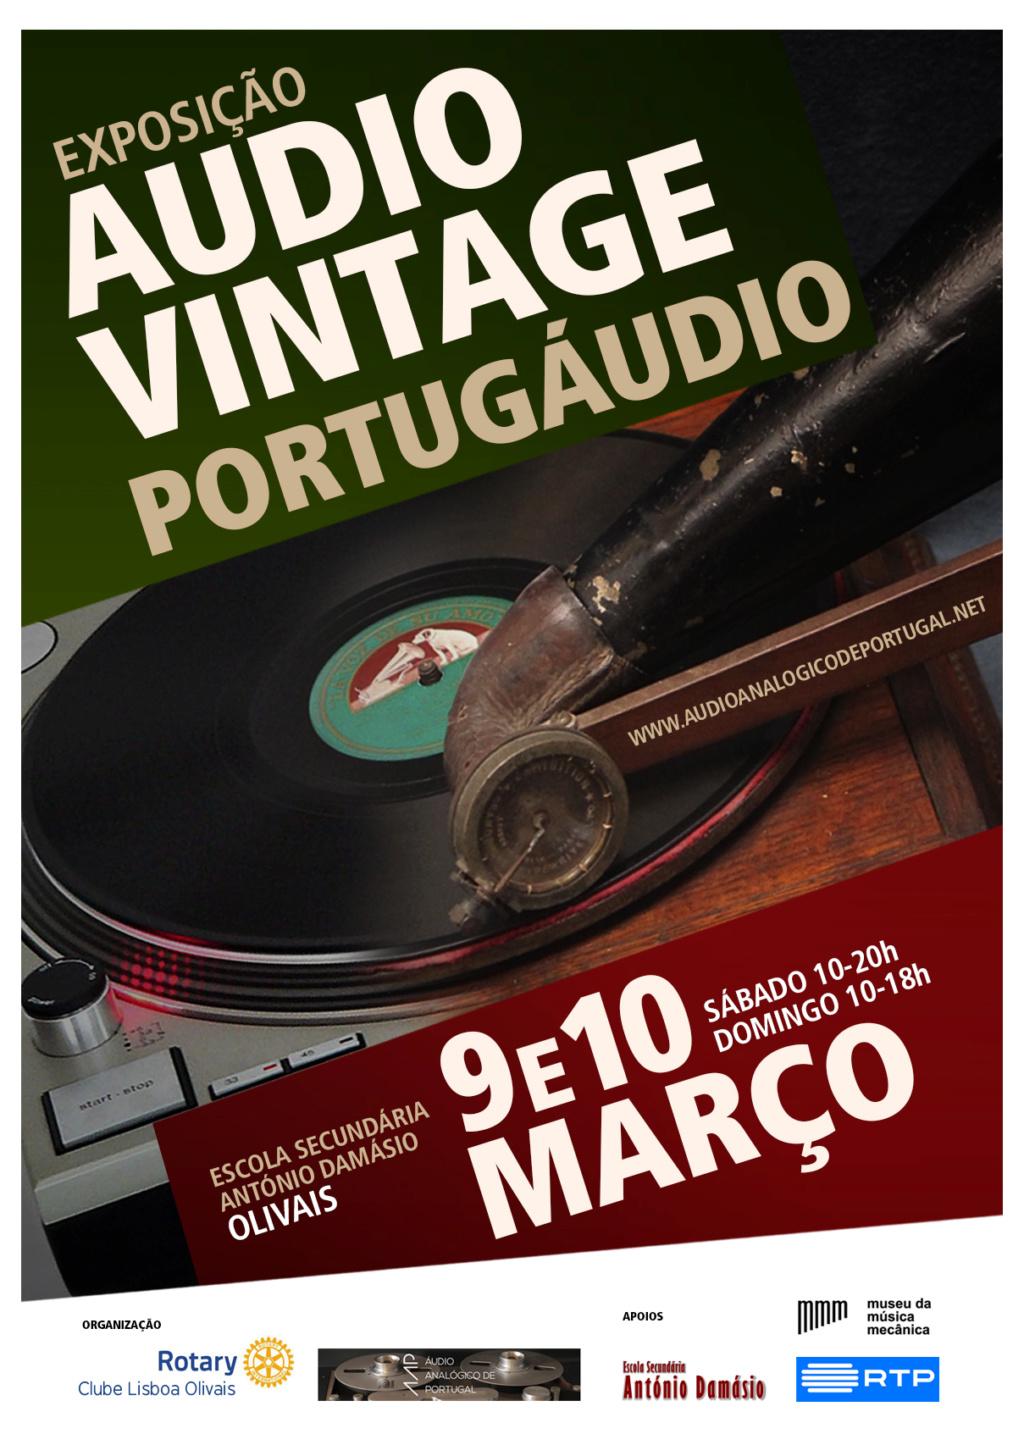 Audio Vintage/PortugÁudio 2019 - Página 3 Cartaz11